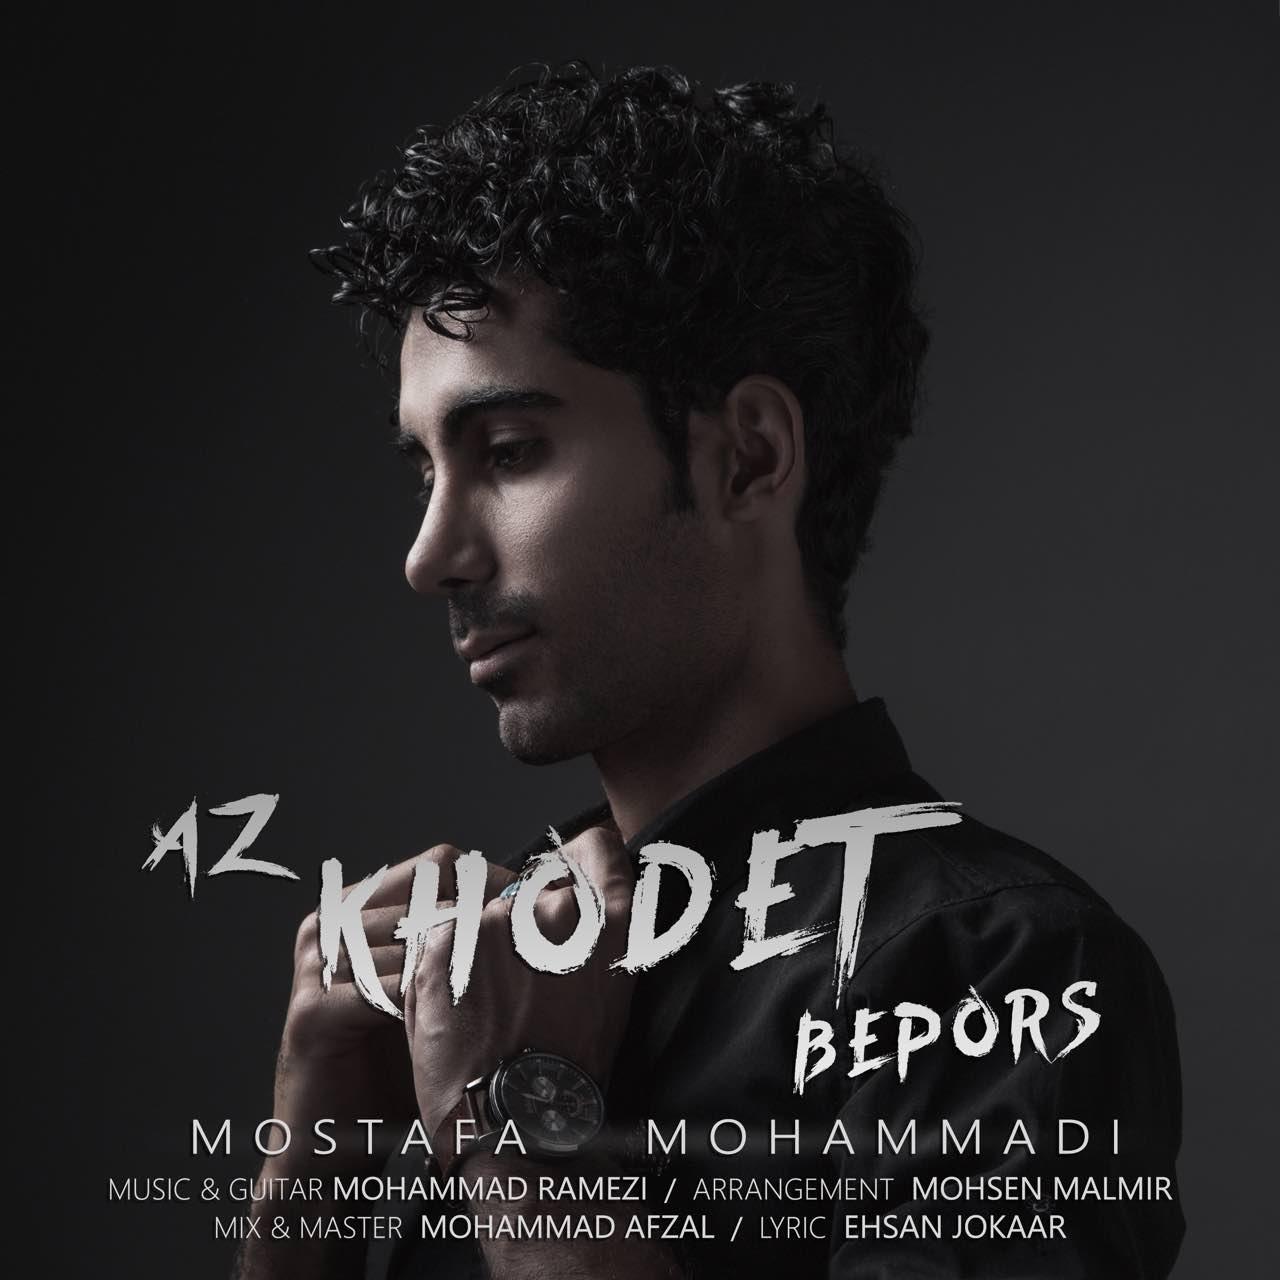 Mostafa Mohammadi – Az Khodet Bepors